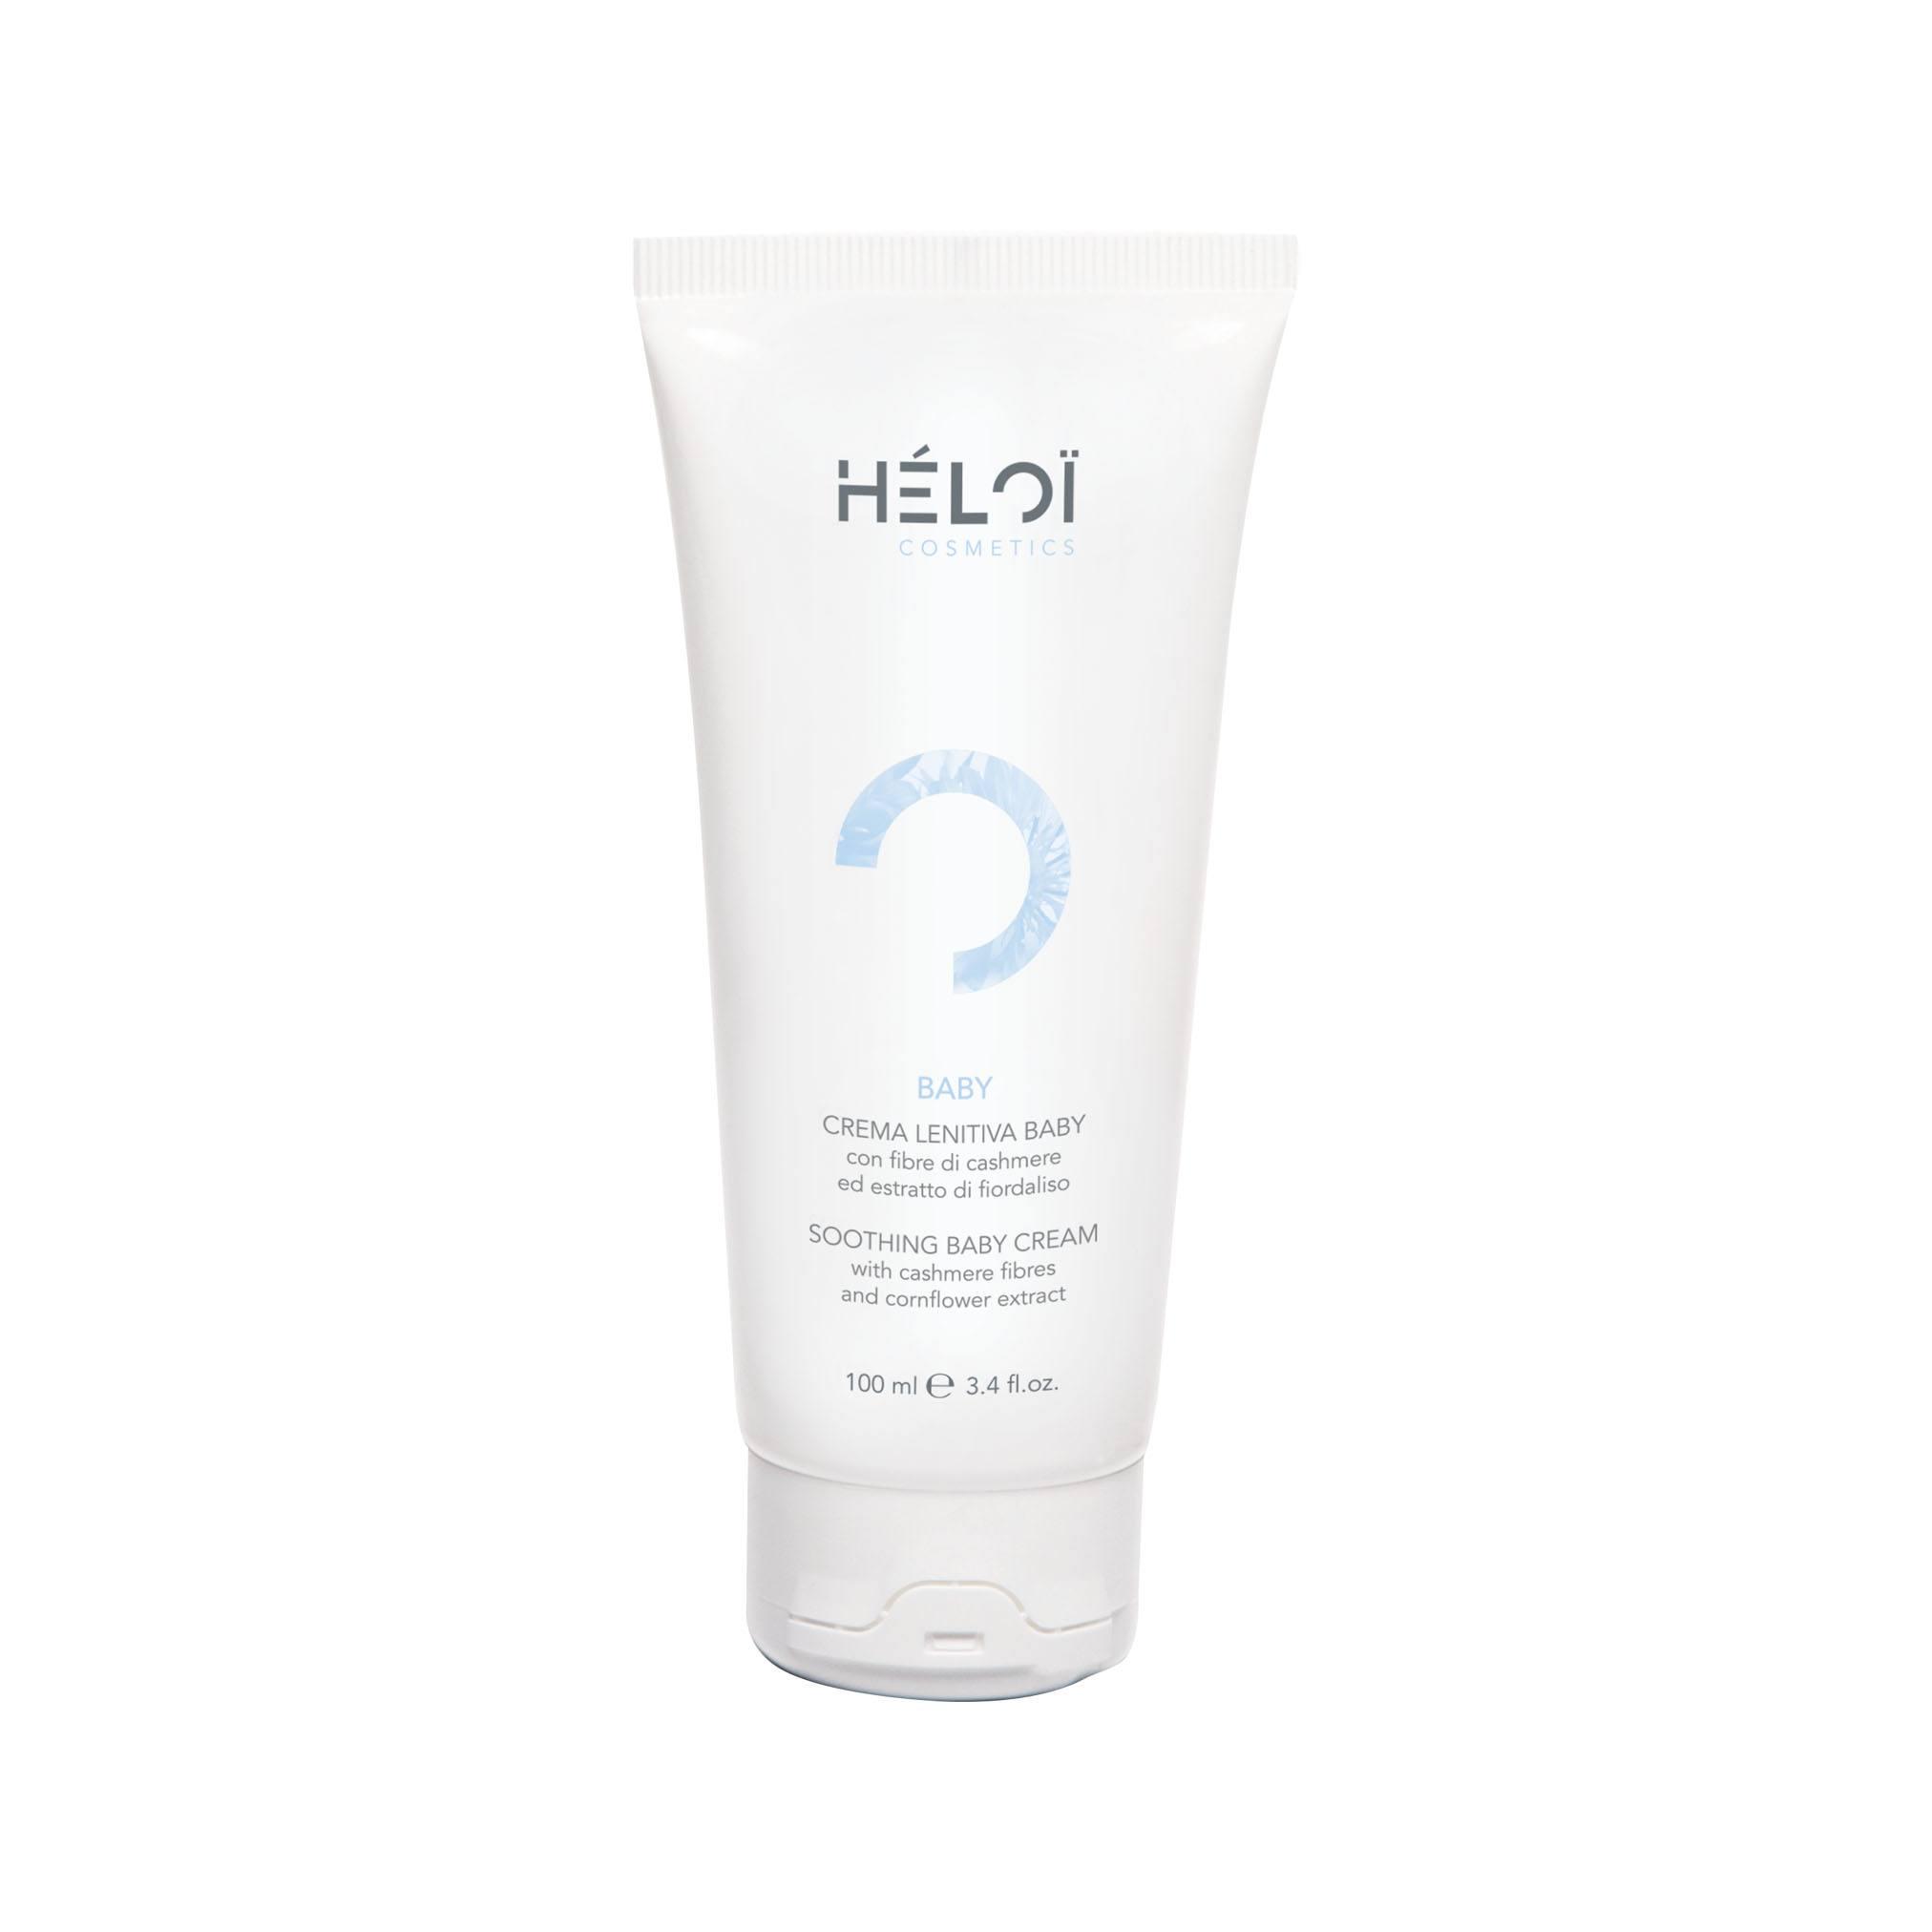 best loved 98ca6 c0183 Crema lenitiva baby - Héloï Cosmetics - Prodotti naturali per viso e corpo